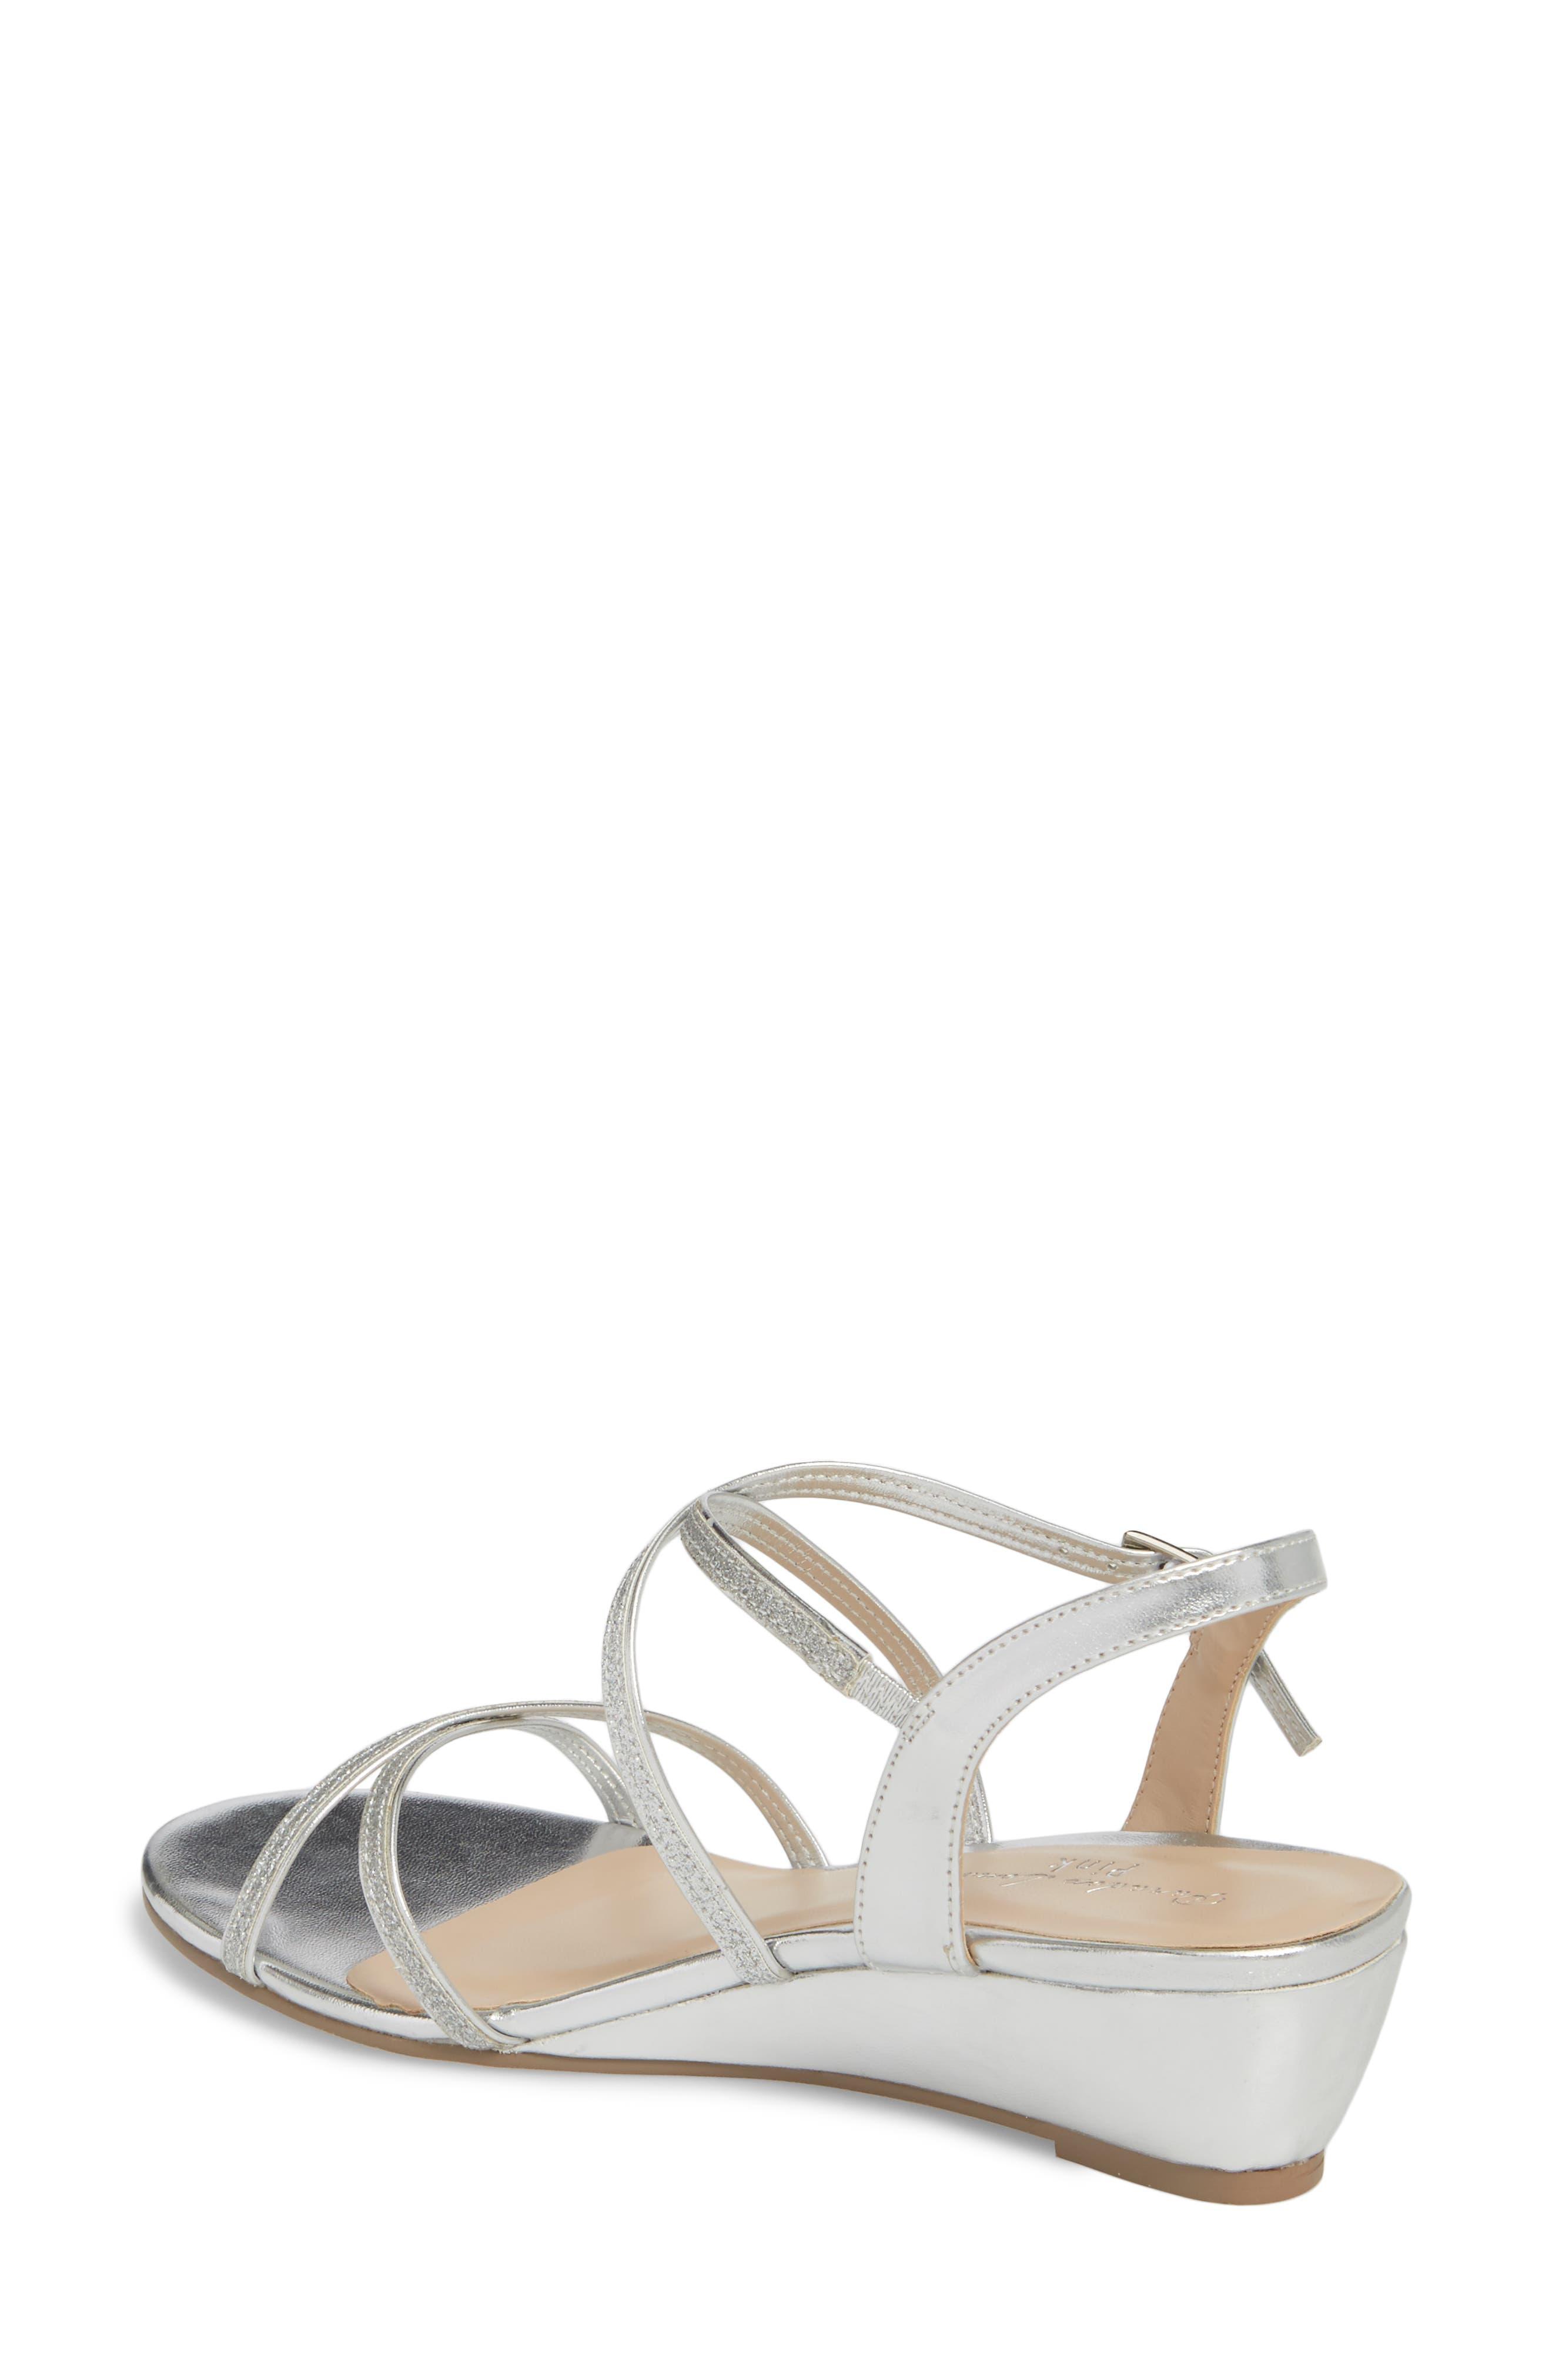 Kadie Wedge Sandal,                             Alternate thumbnail 2, color,                             Silver Glitter